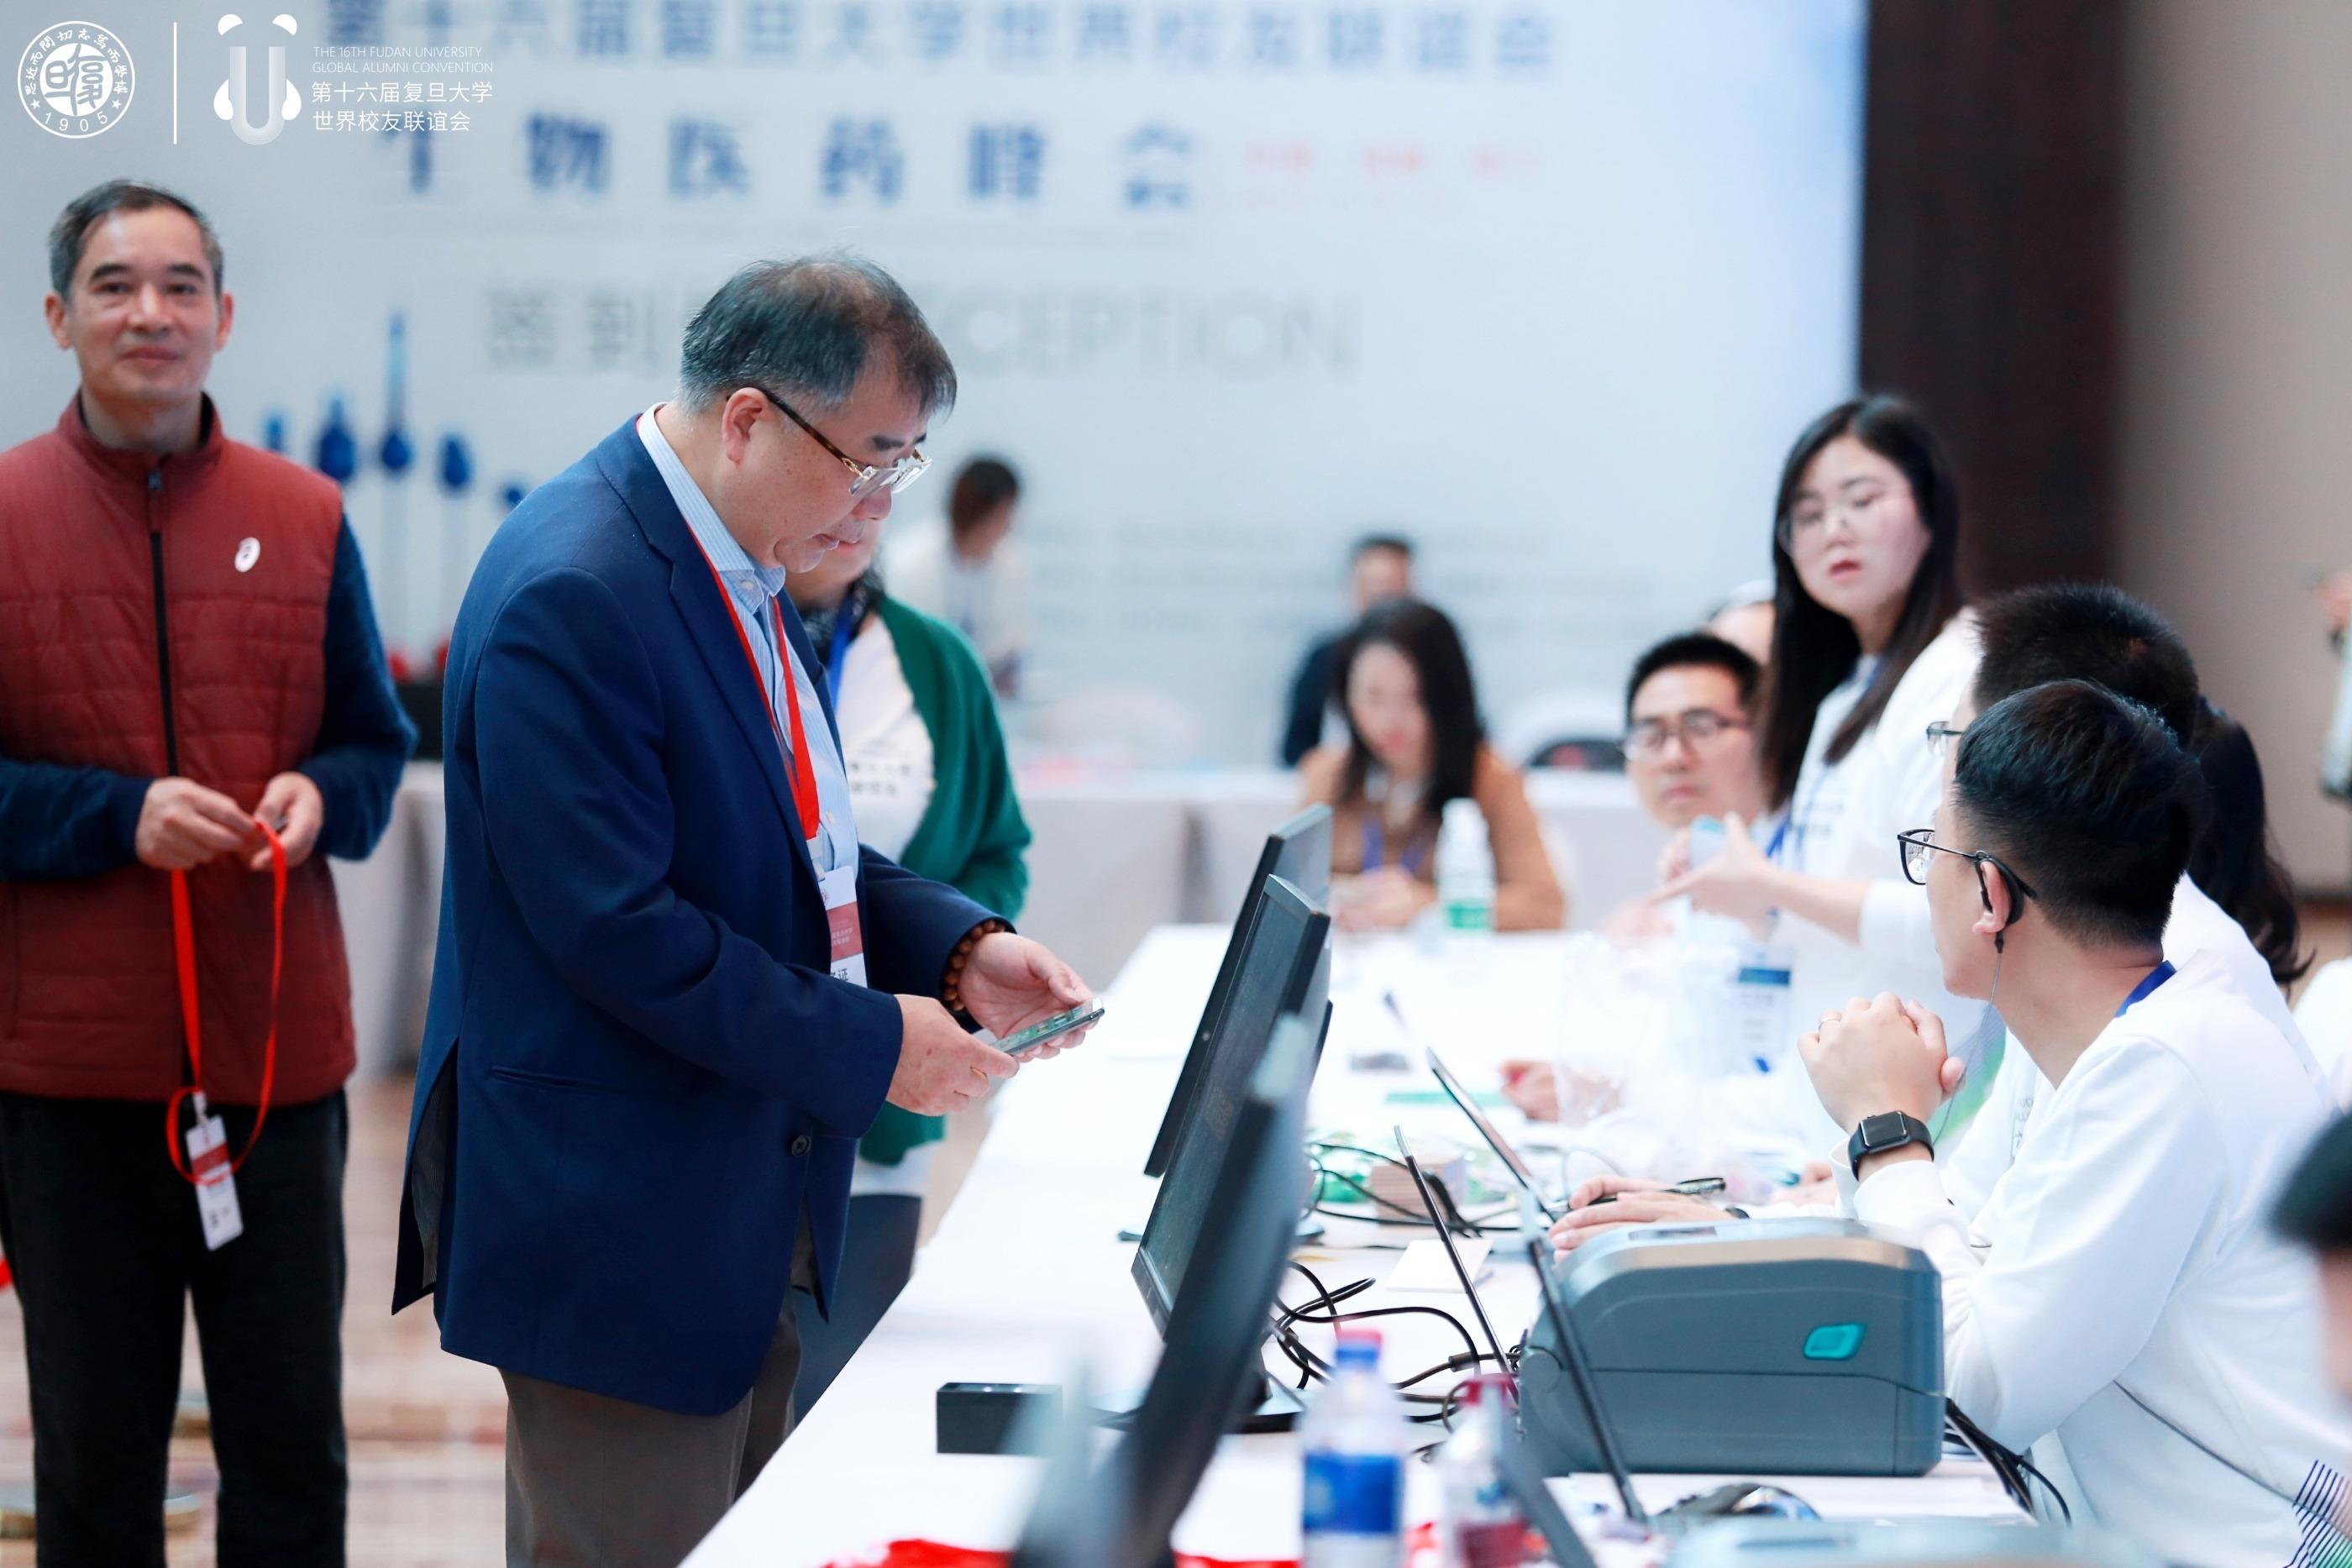 第十六届复旦大学世界校友联谊会暨高质量发展成都峰会-二维码电子签到.JPG